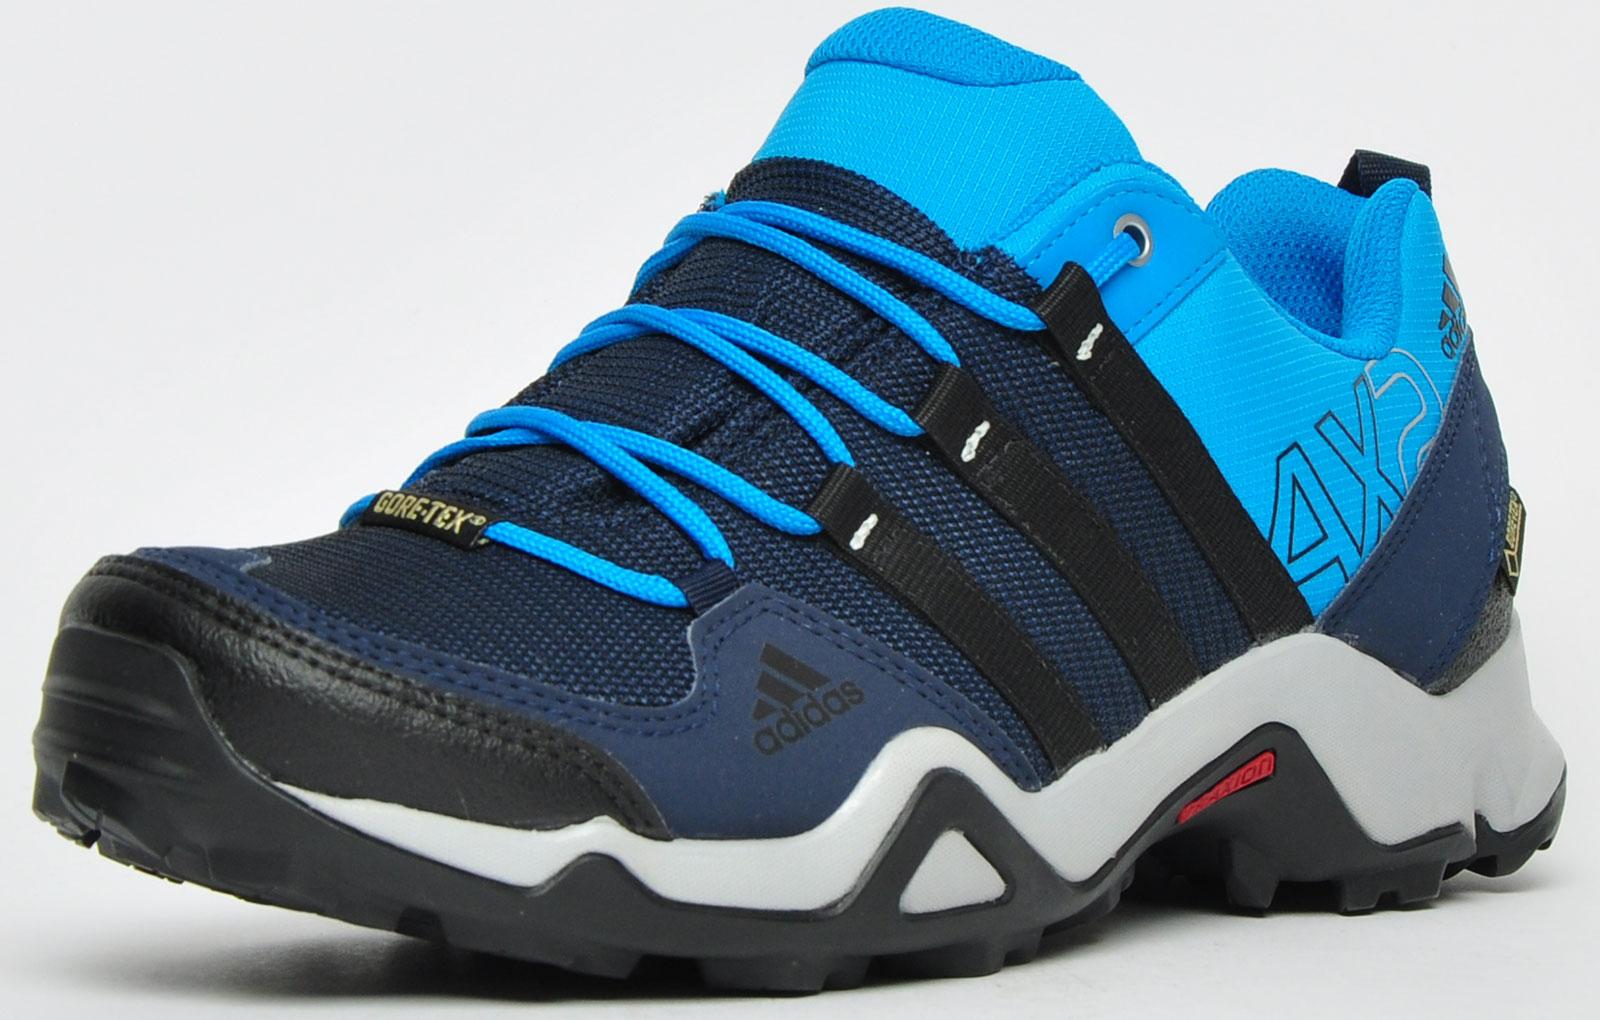 adidas ax2 waterproof